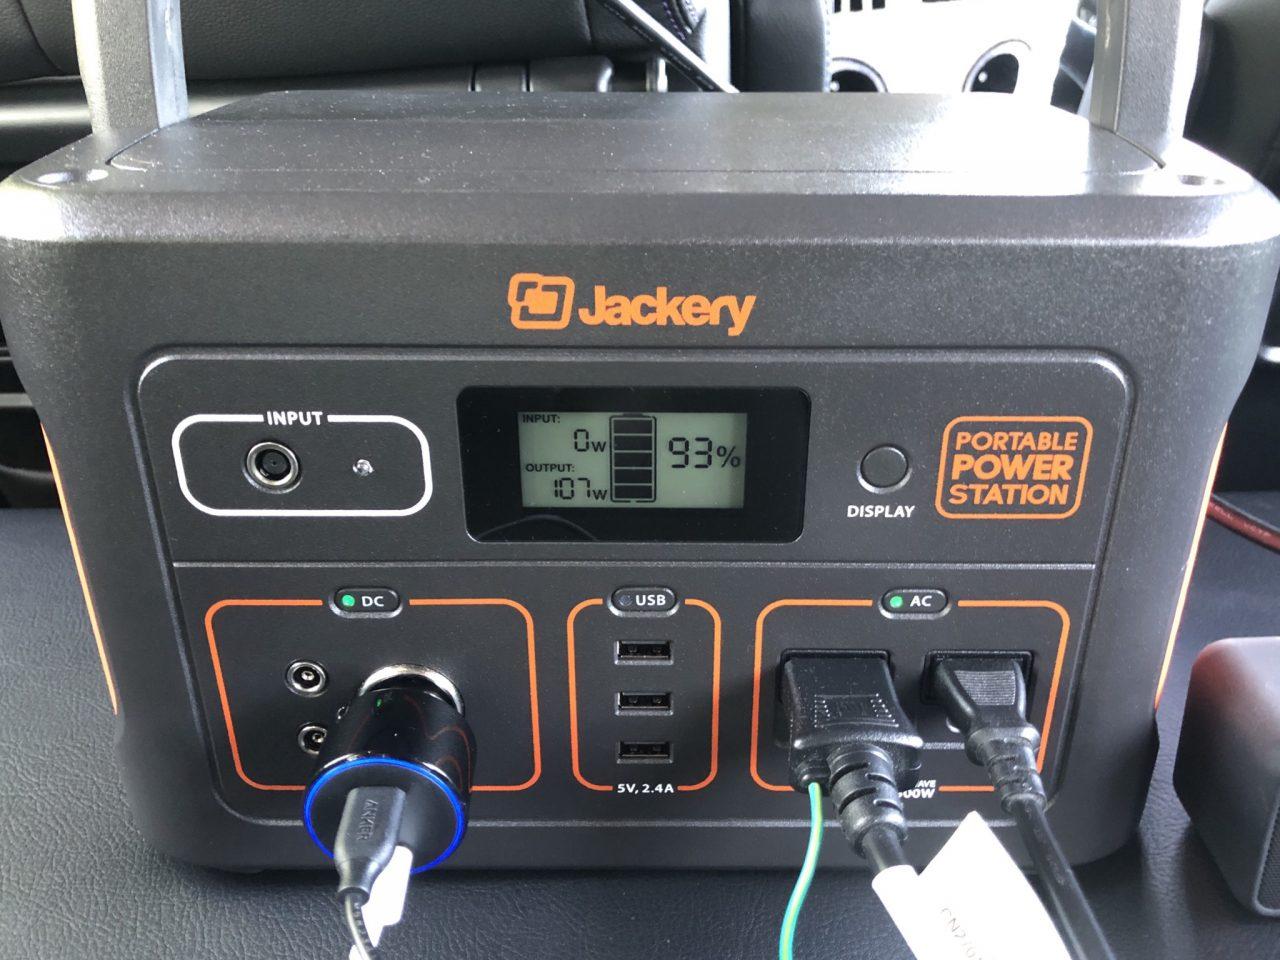 車内に積んだ大容量ポータブル電源でコンセントをフル活用